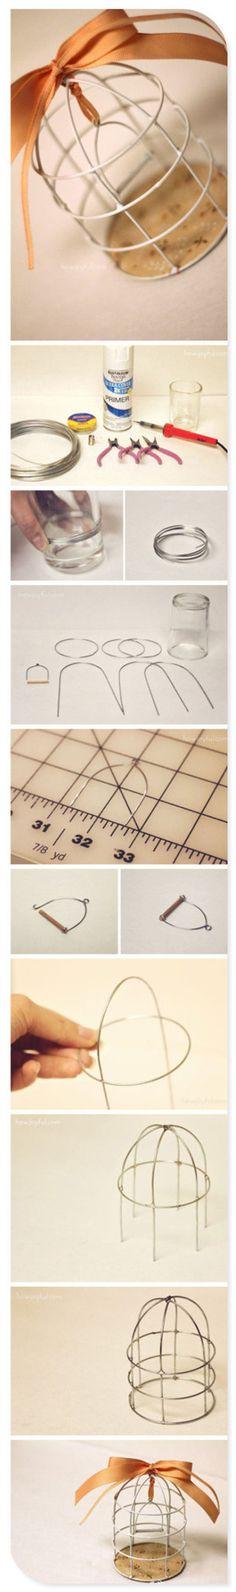 铝线手工--DIY迷你鸟笼 - 堆糖 发现生活_收集美好_分享图片